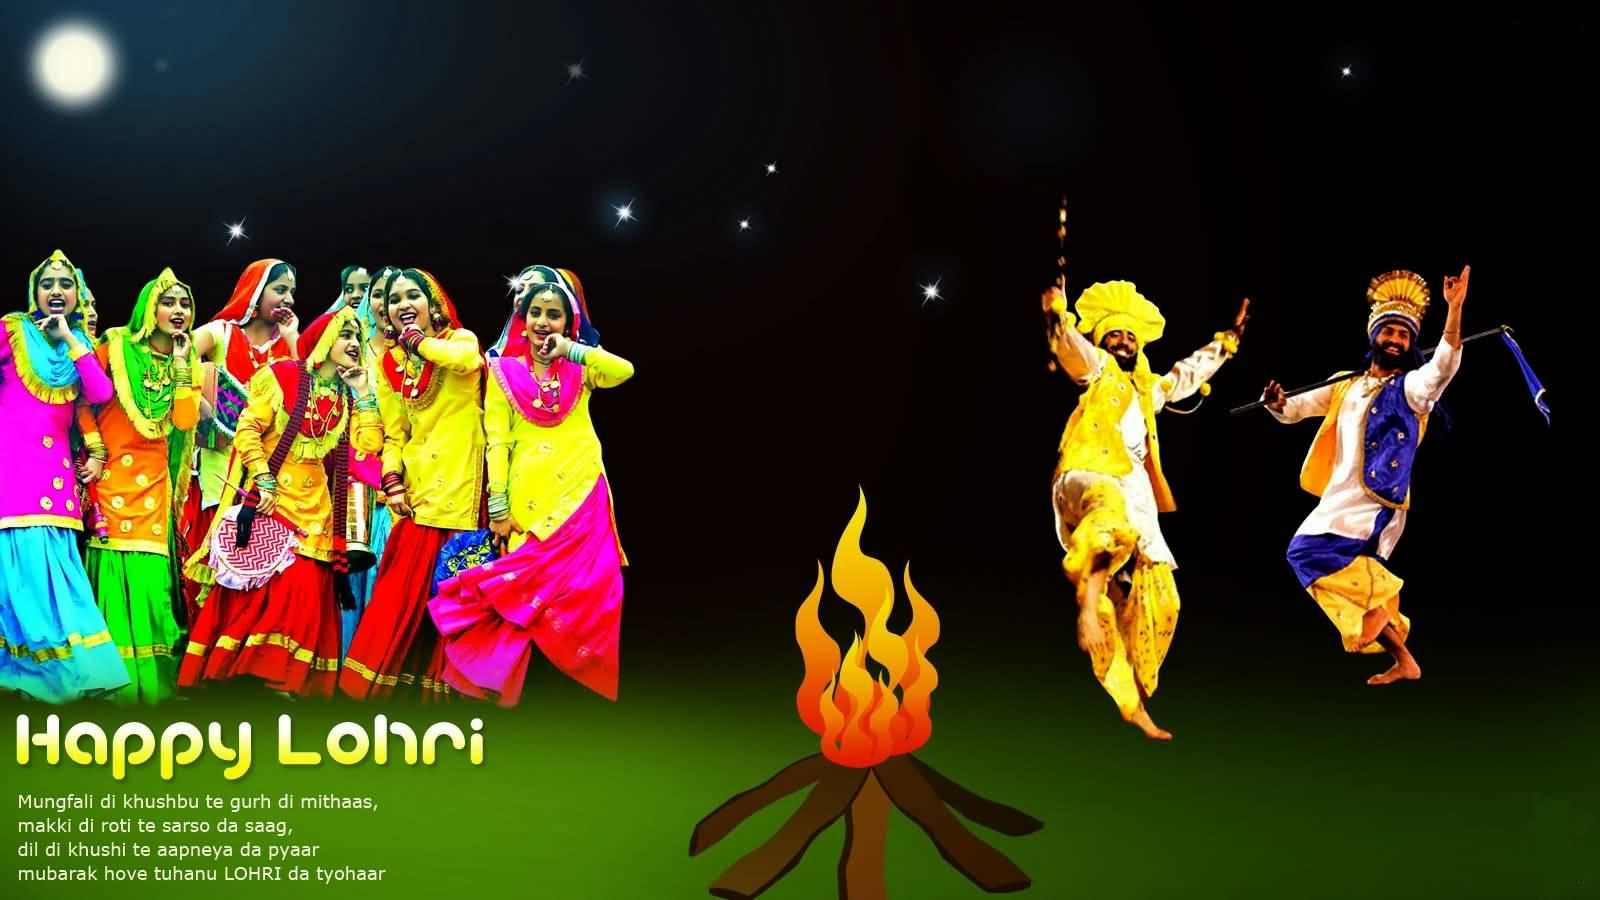 Happy Lohri Best Message With Bhangra Image